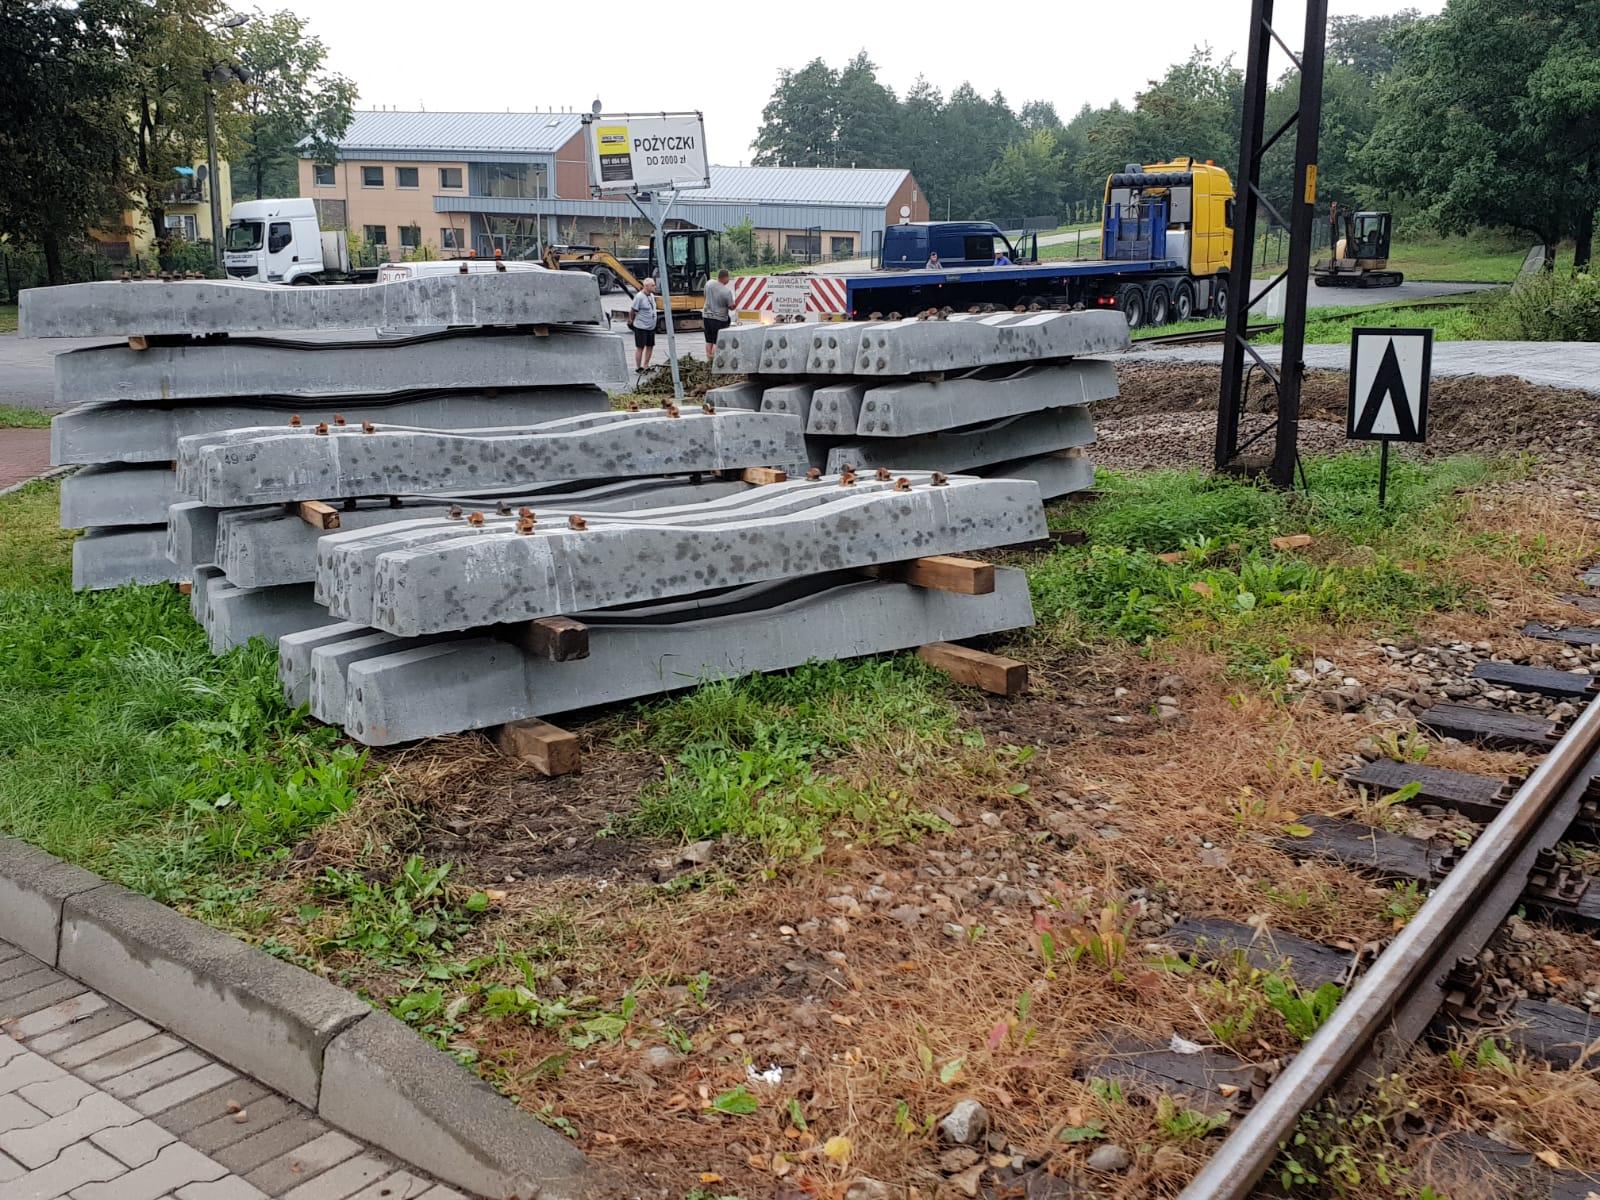 Dwa przejazdy kolejowe do remontu. Będą utrudnienia dla kierowców i pasażerów